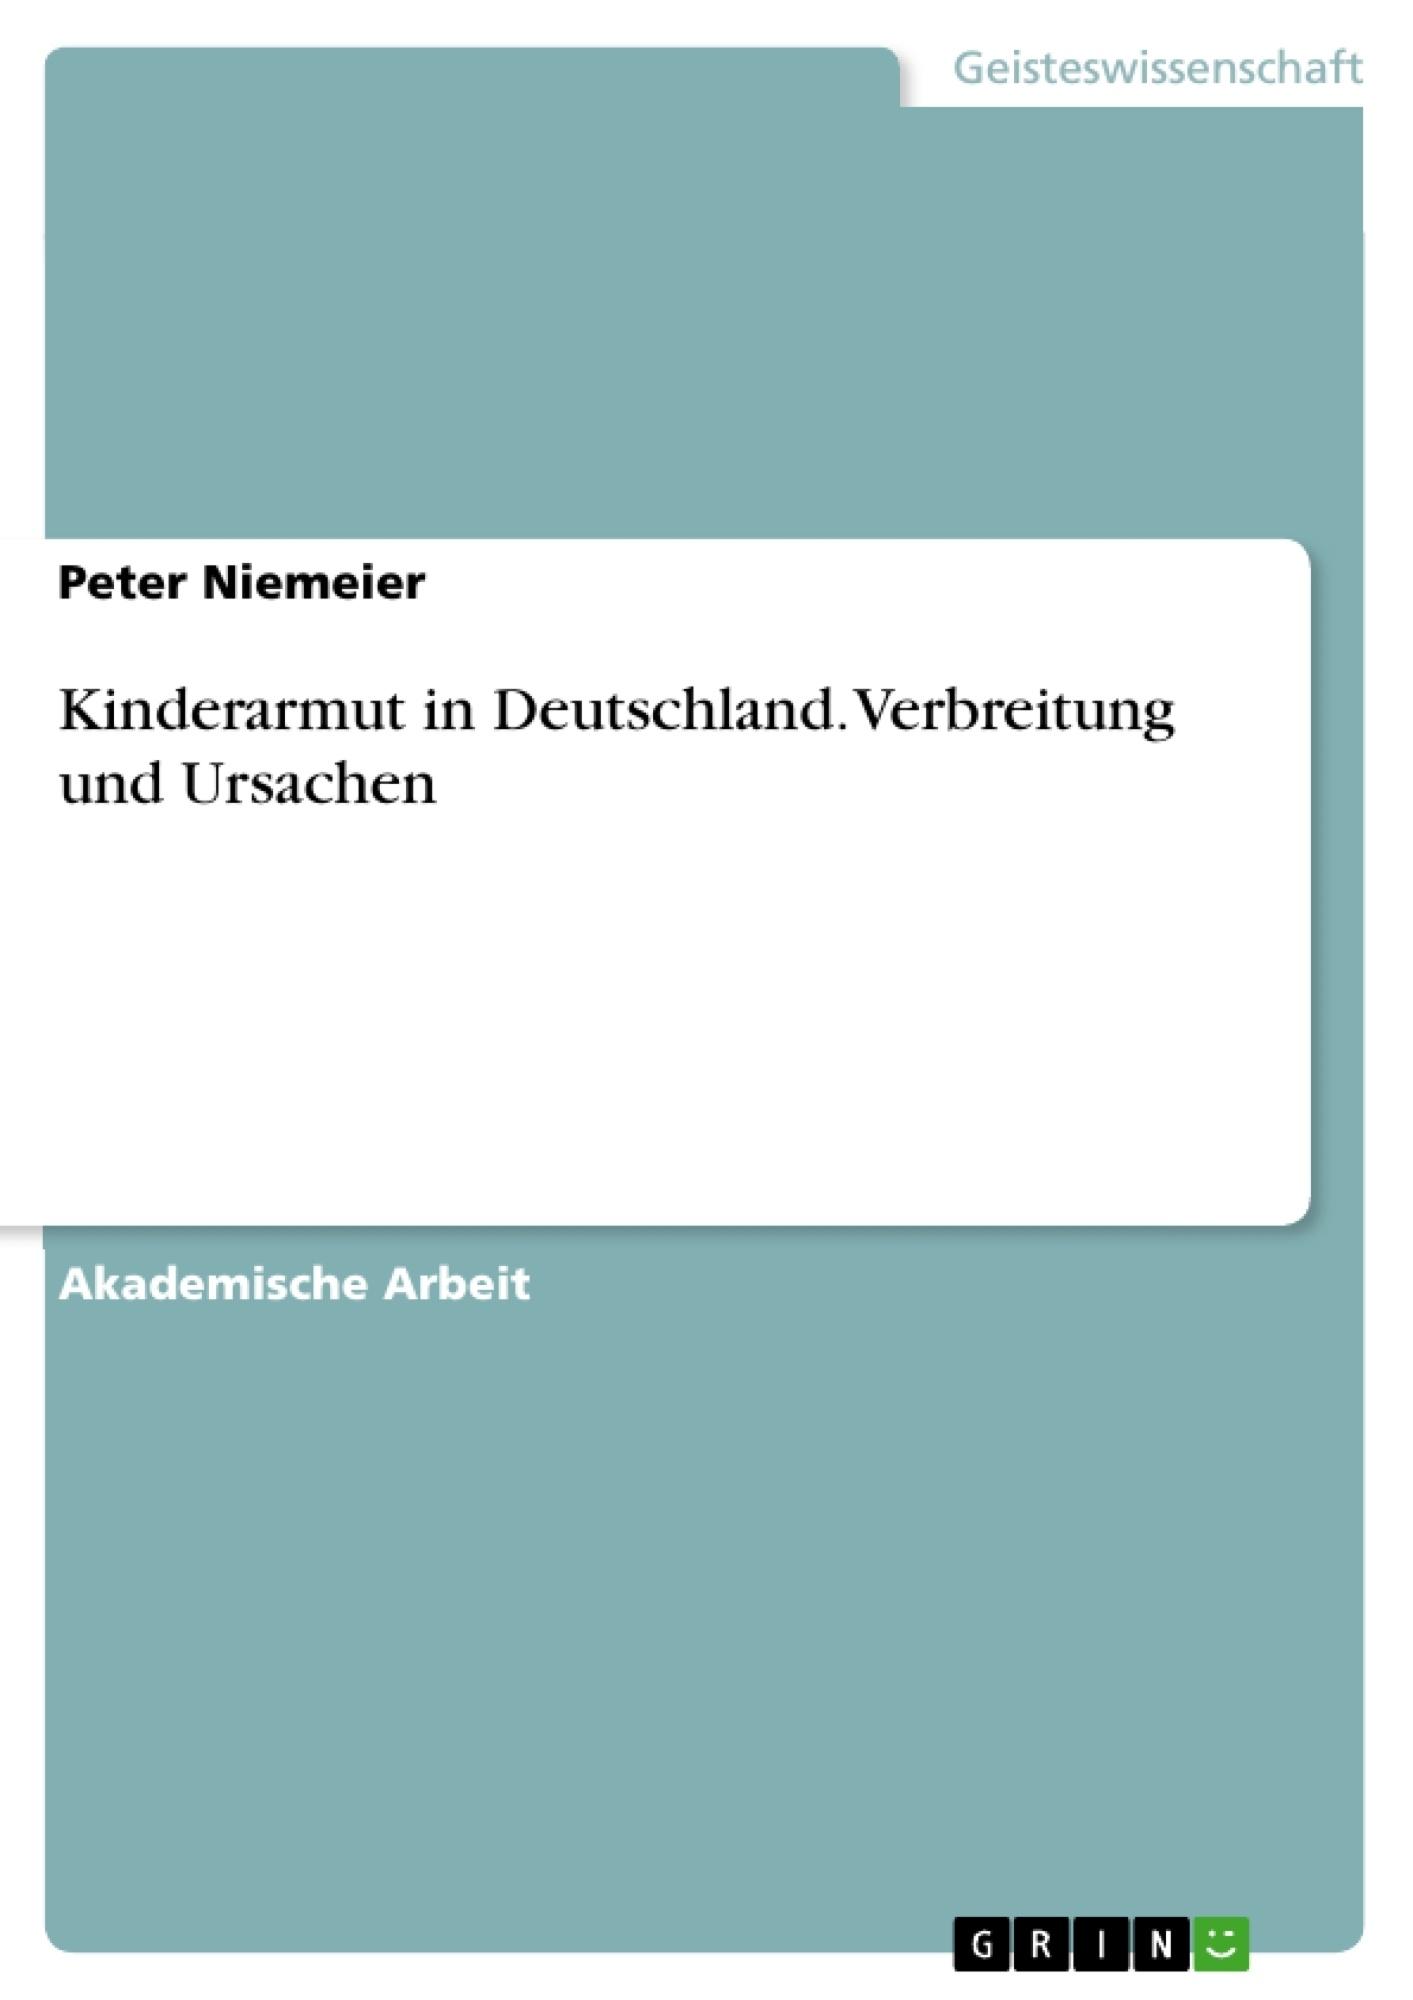 Titel: Kinderarmut in Deutschland. Verbreitung und Ursachen